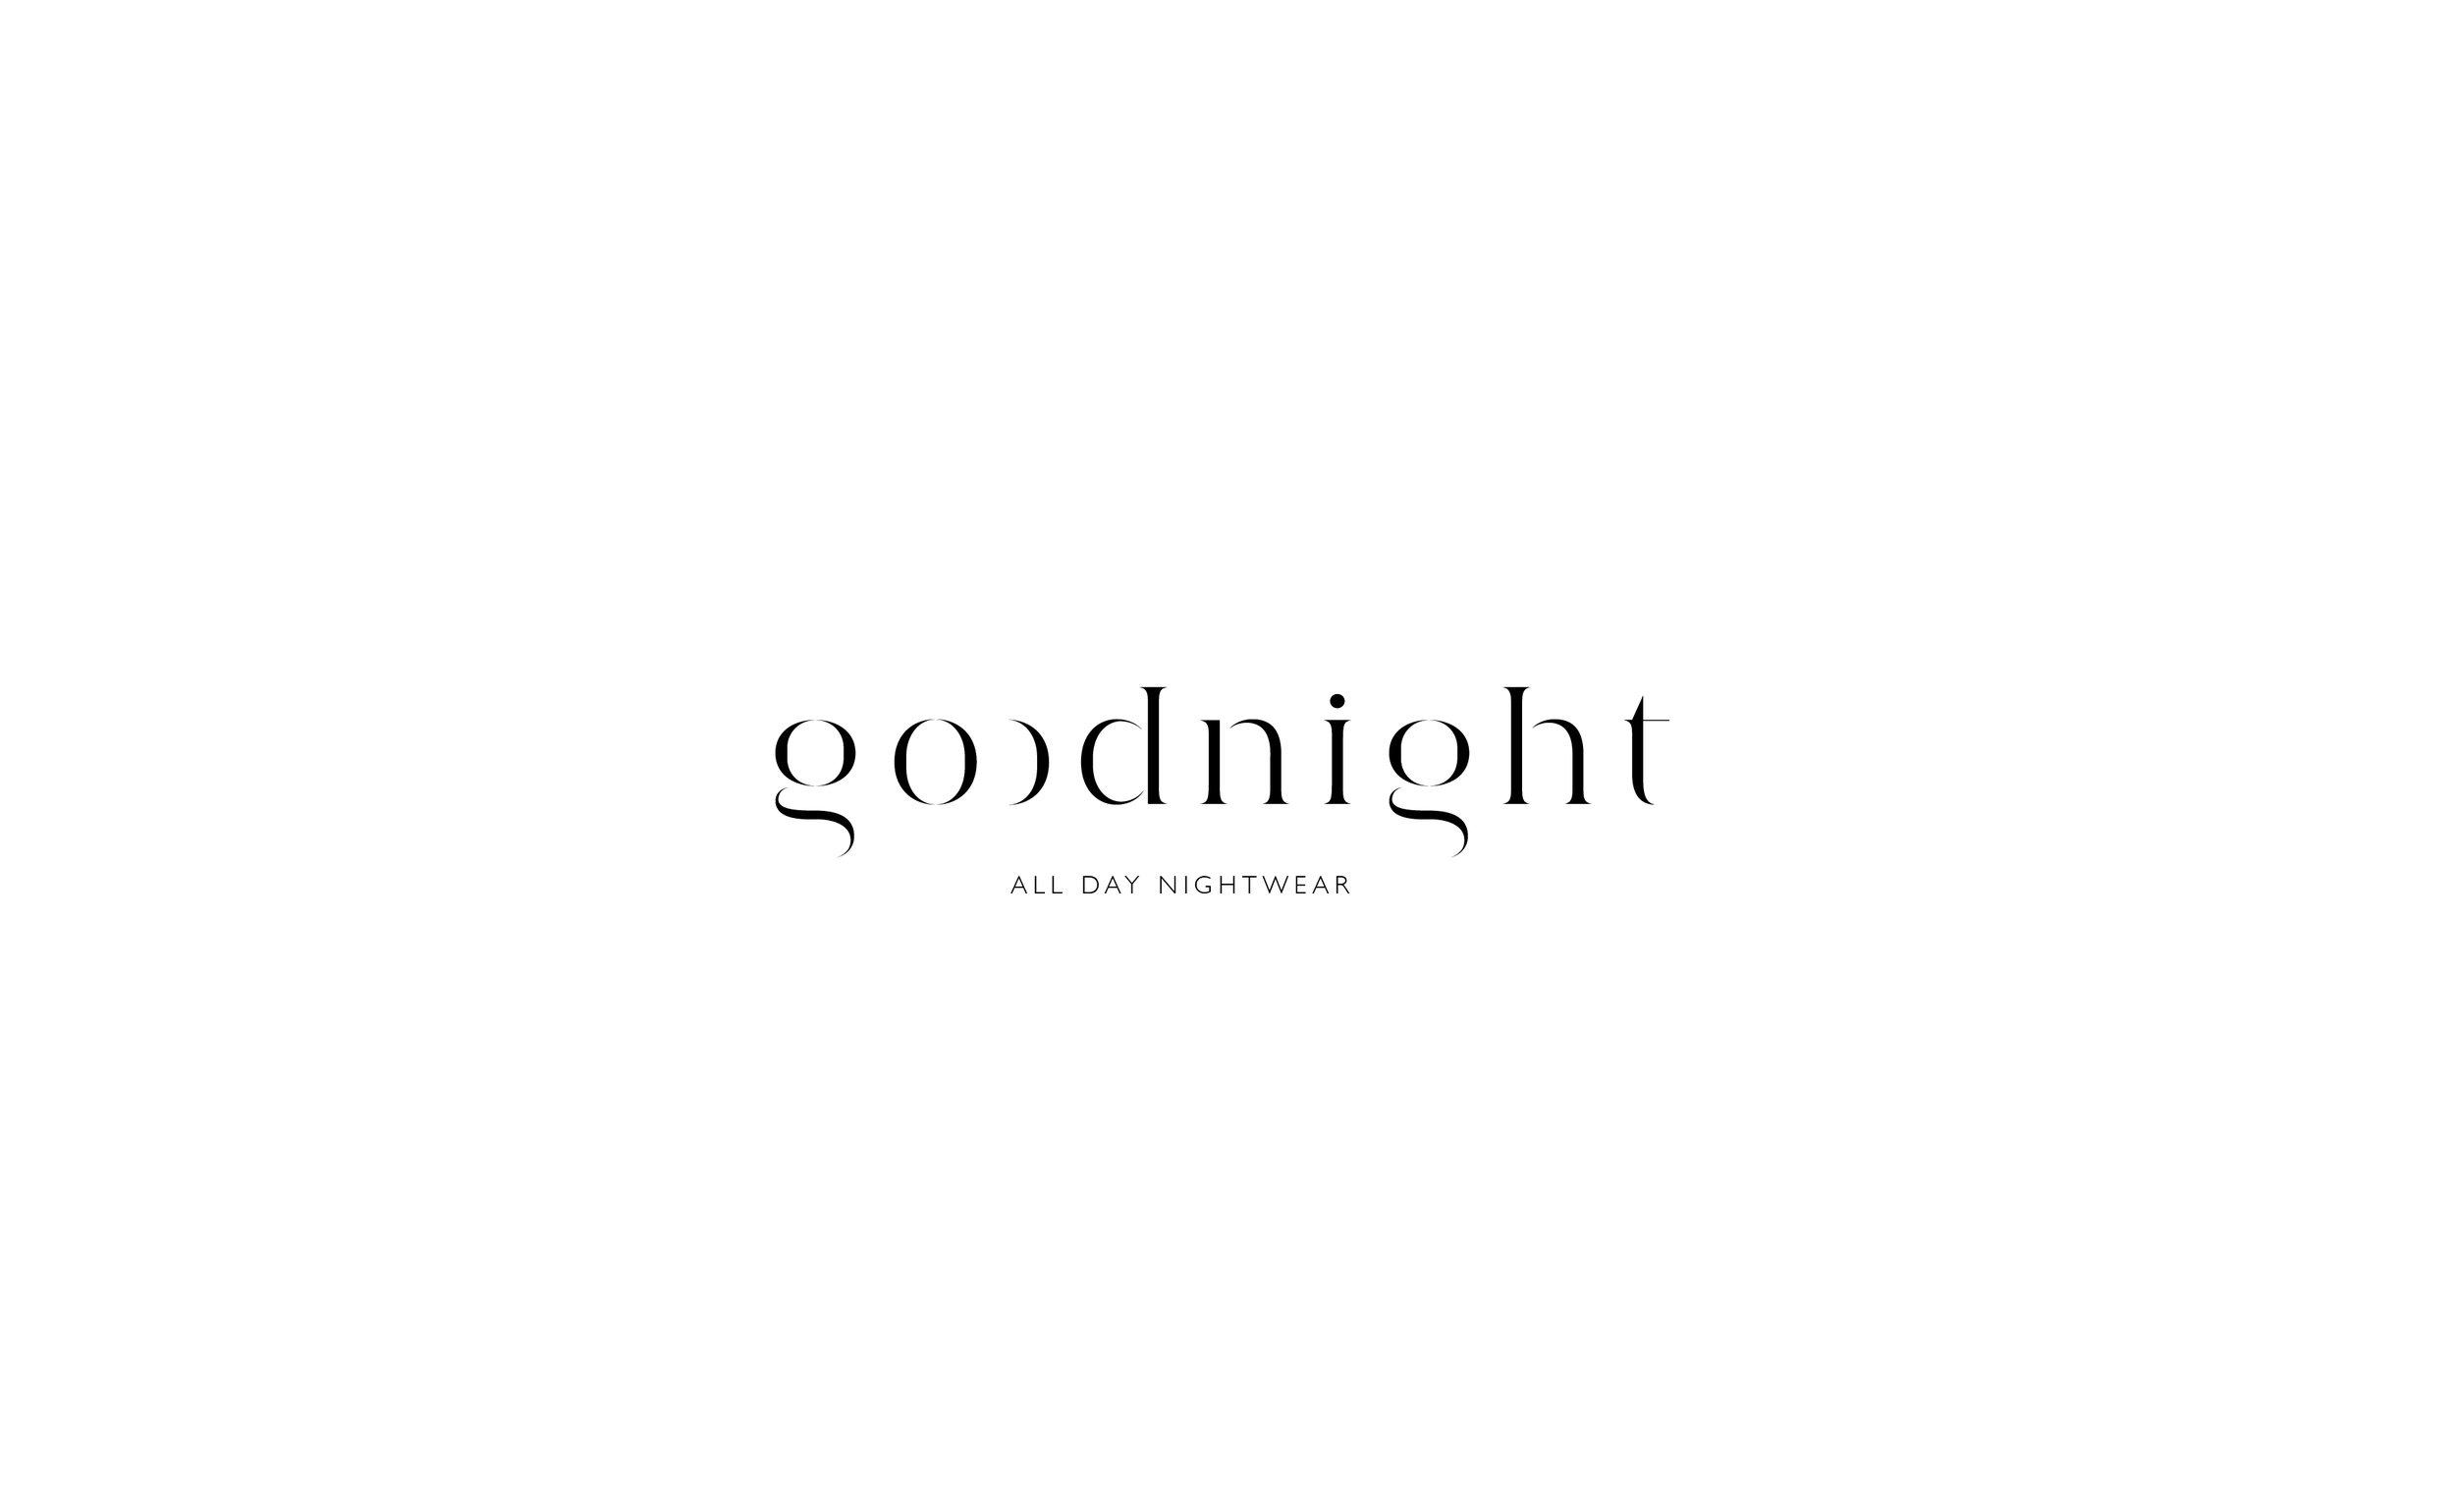 Goodnight_Portfolio-01.jpg